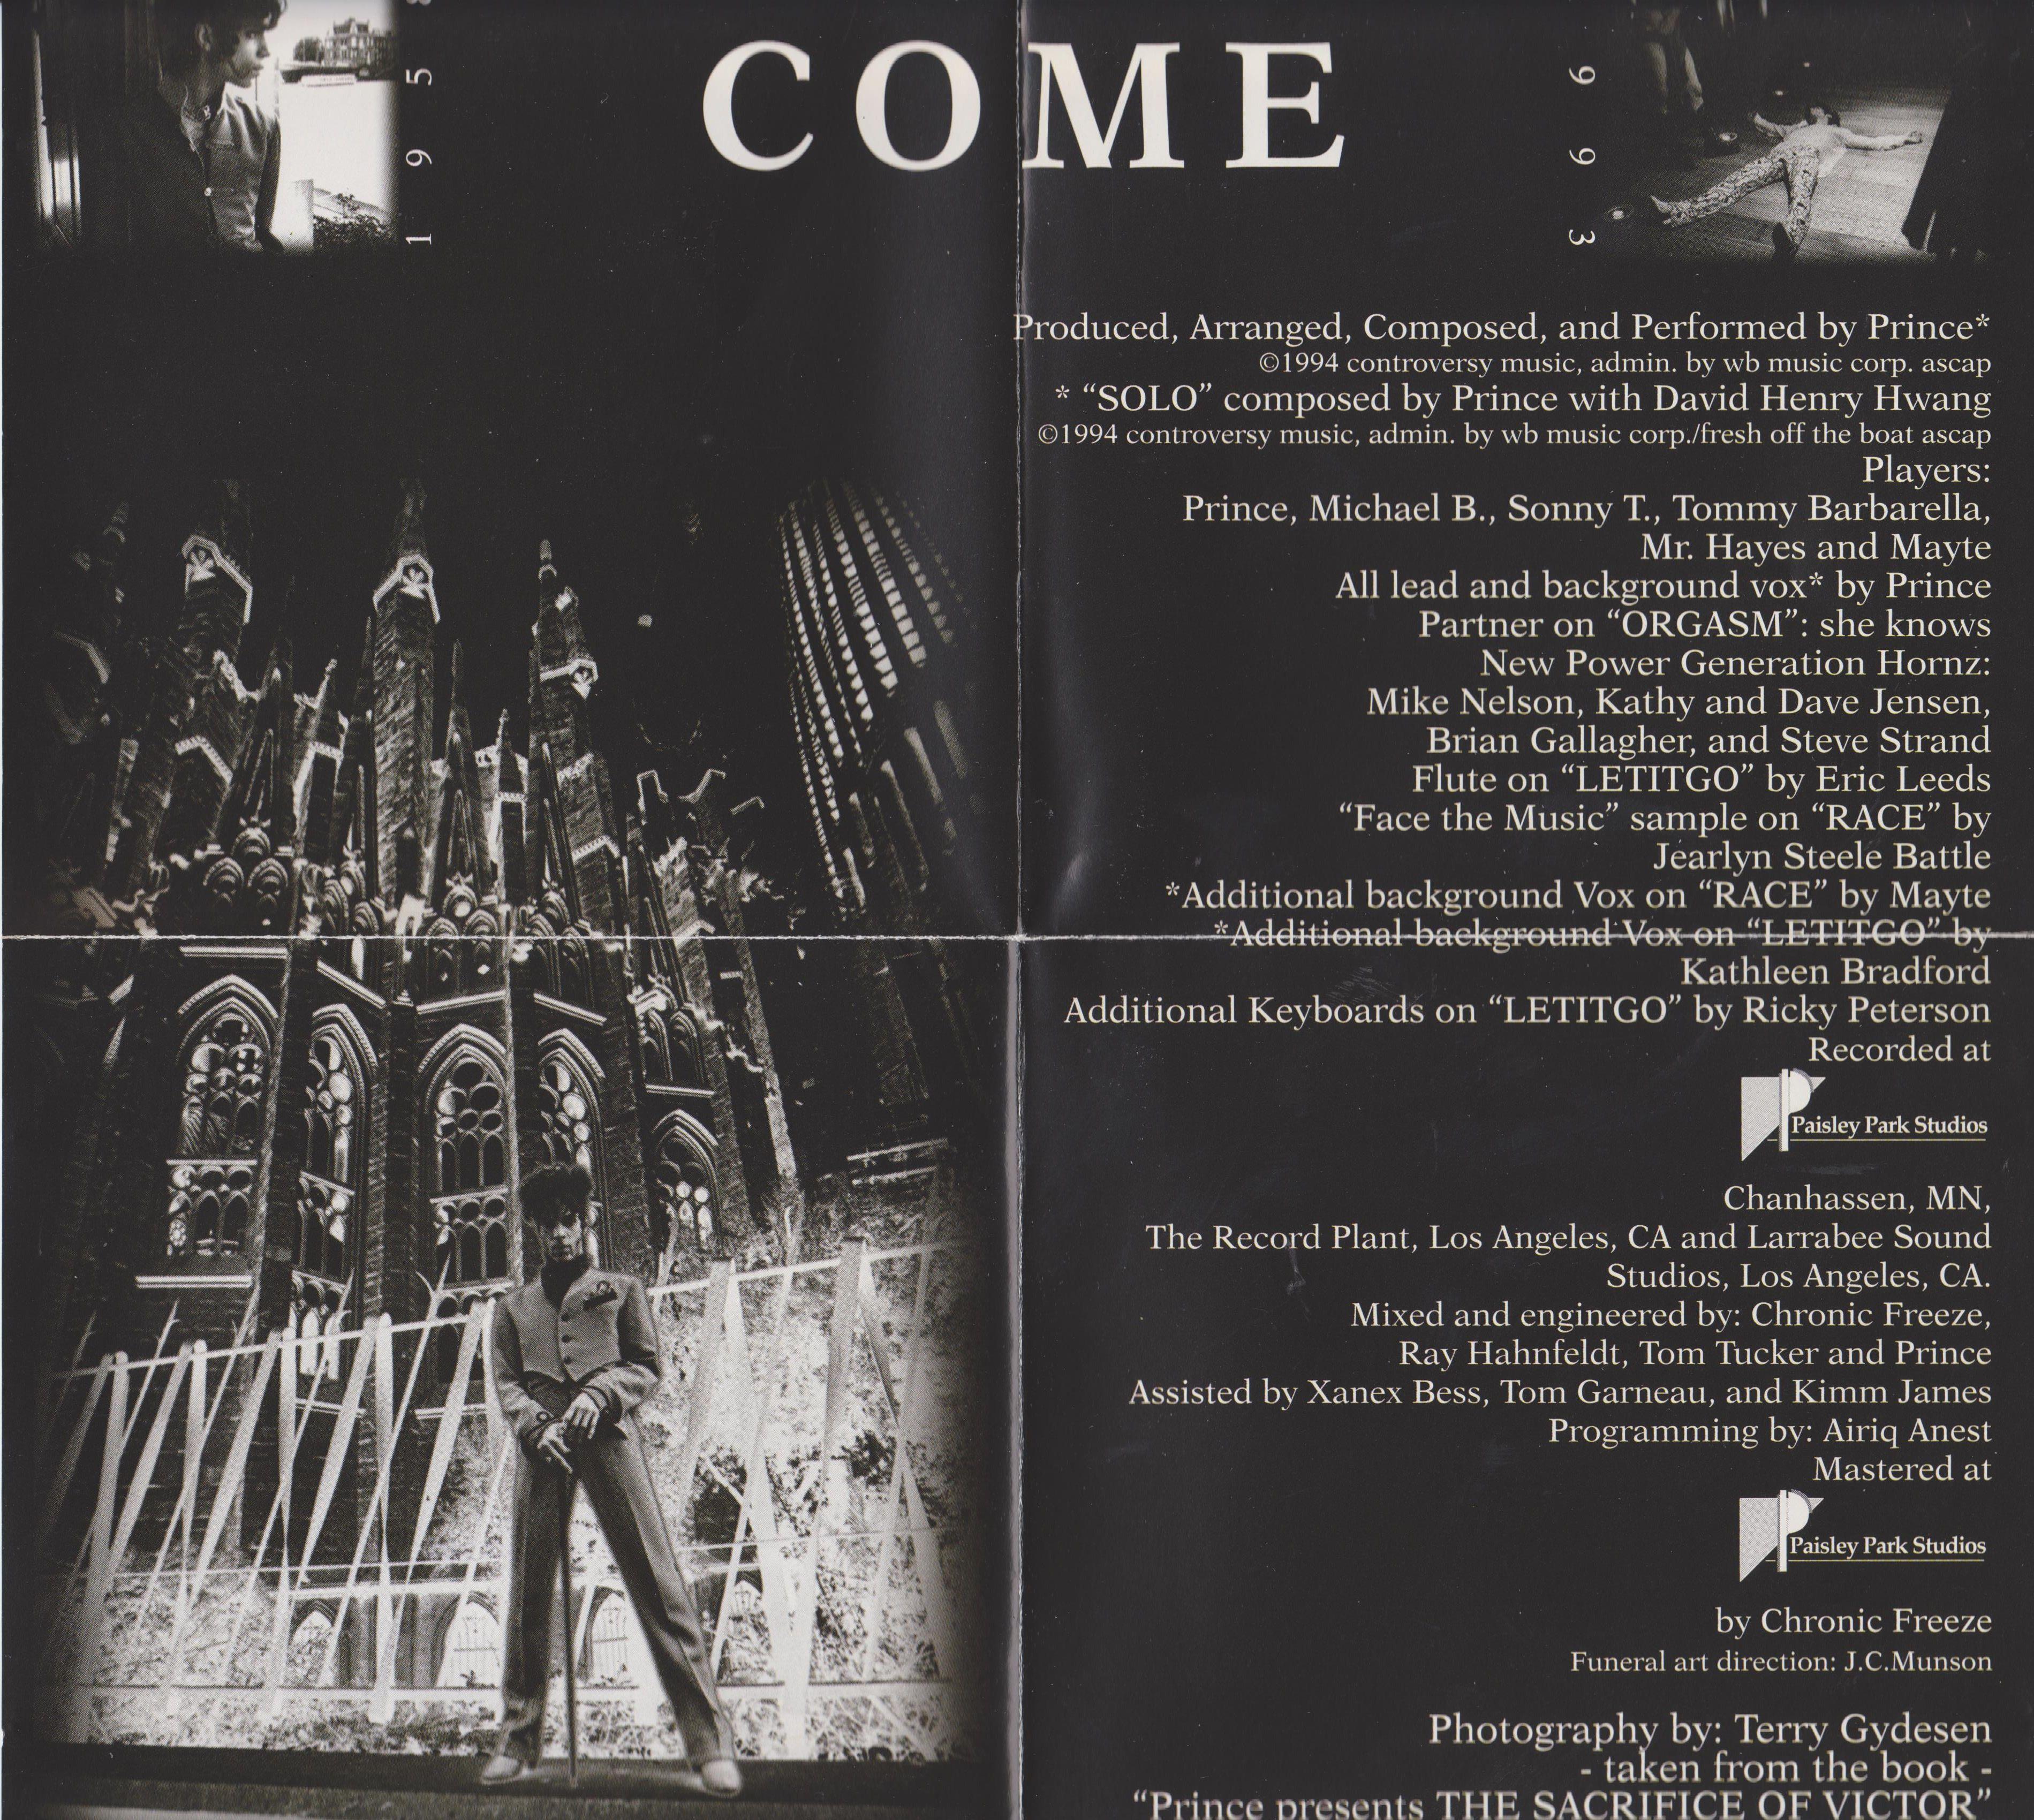 Prince - Come (1994)